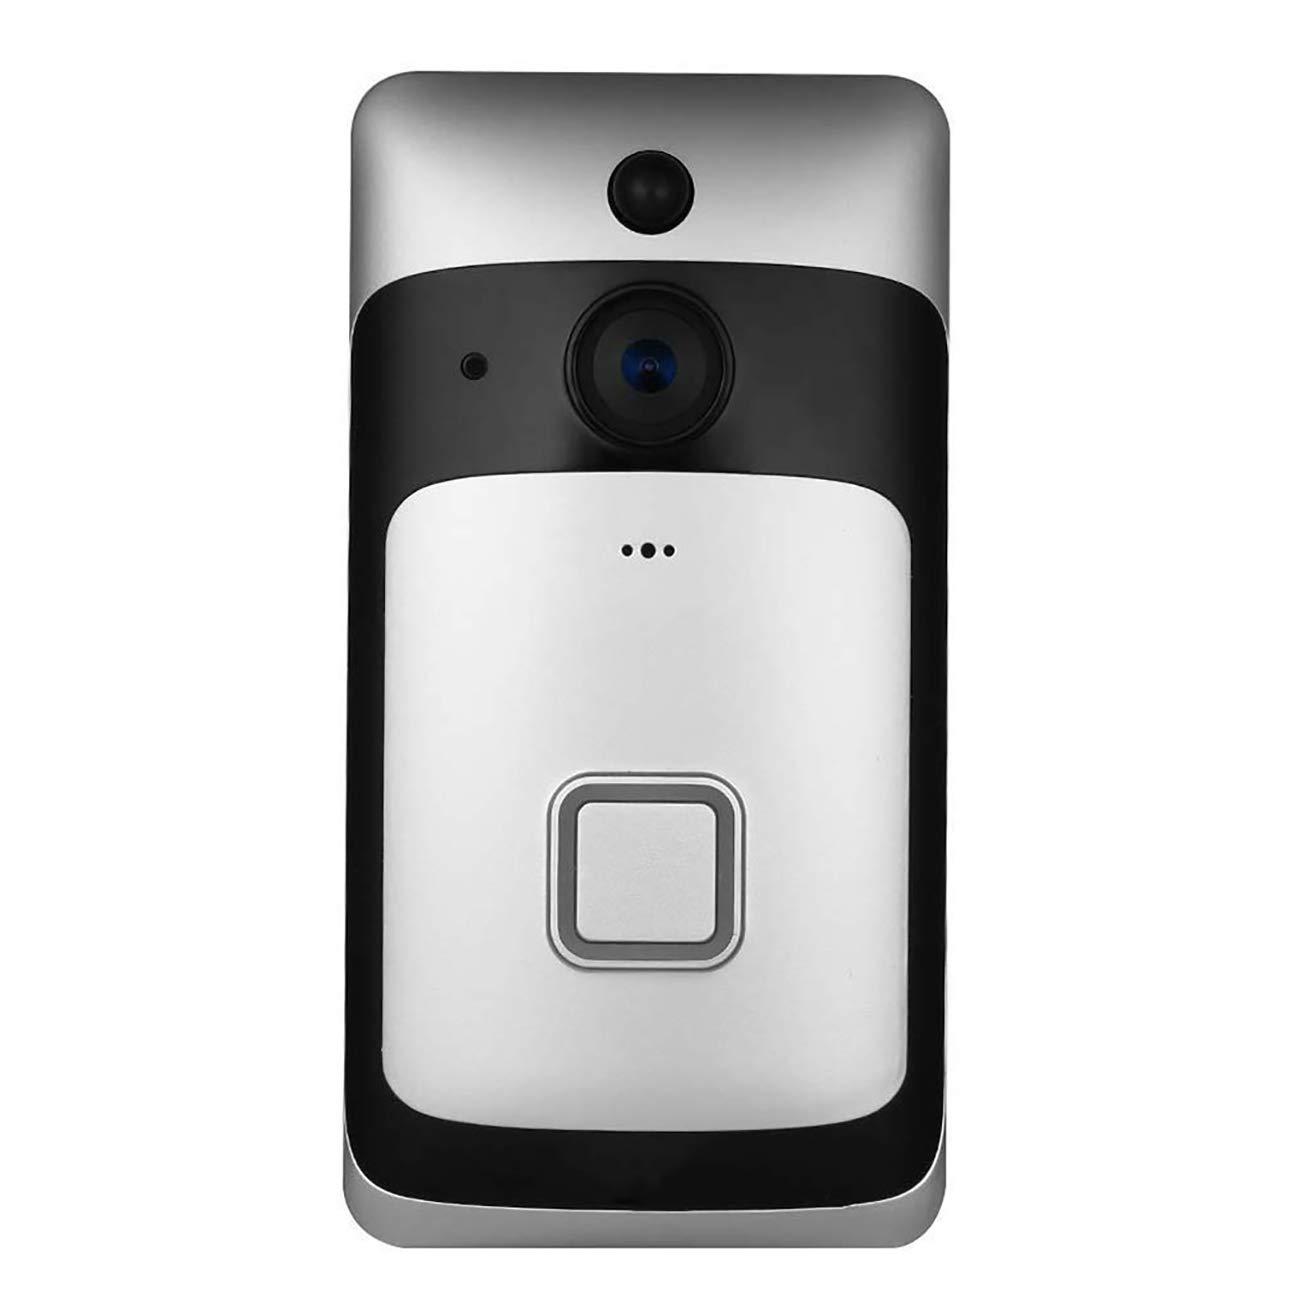 LHKAVE Intelligente Türklingel-Video-Türsprechanlage Drahtlose Sicherheitstür Intelligente HD 720 P Video-Gegensprechanlage Video-Aufnahme-Türtelefon Fernüberwachung Home Night Vision